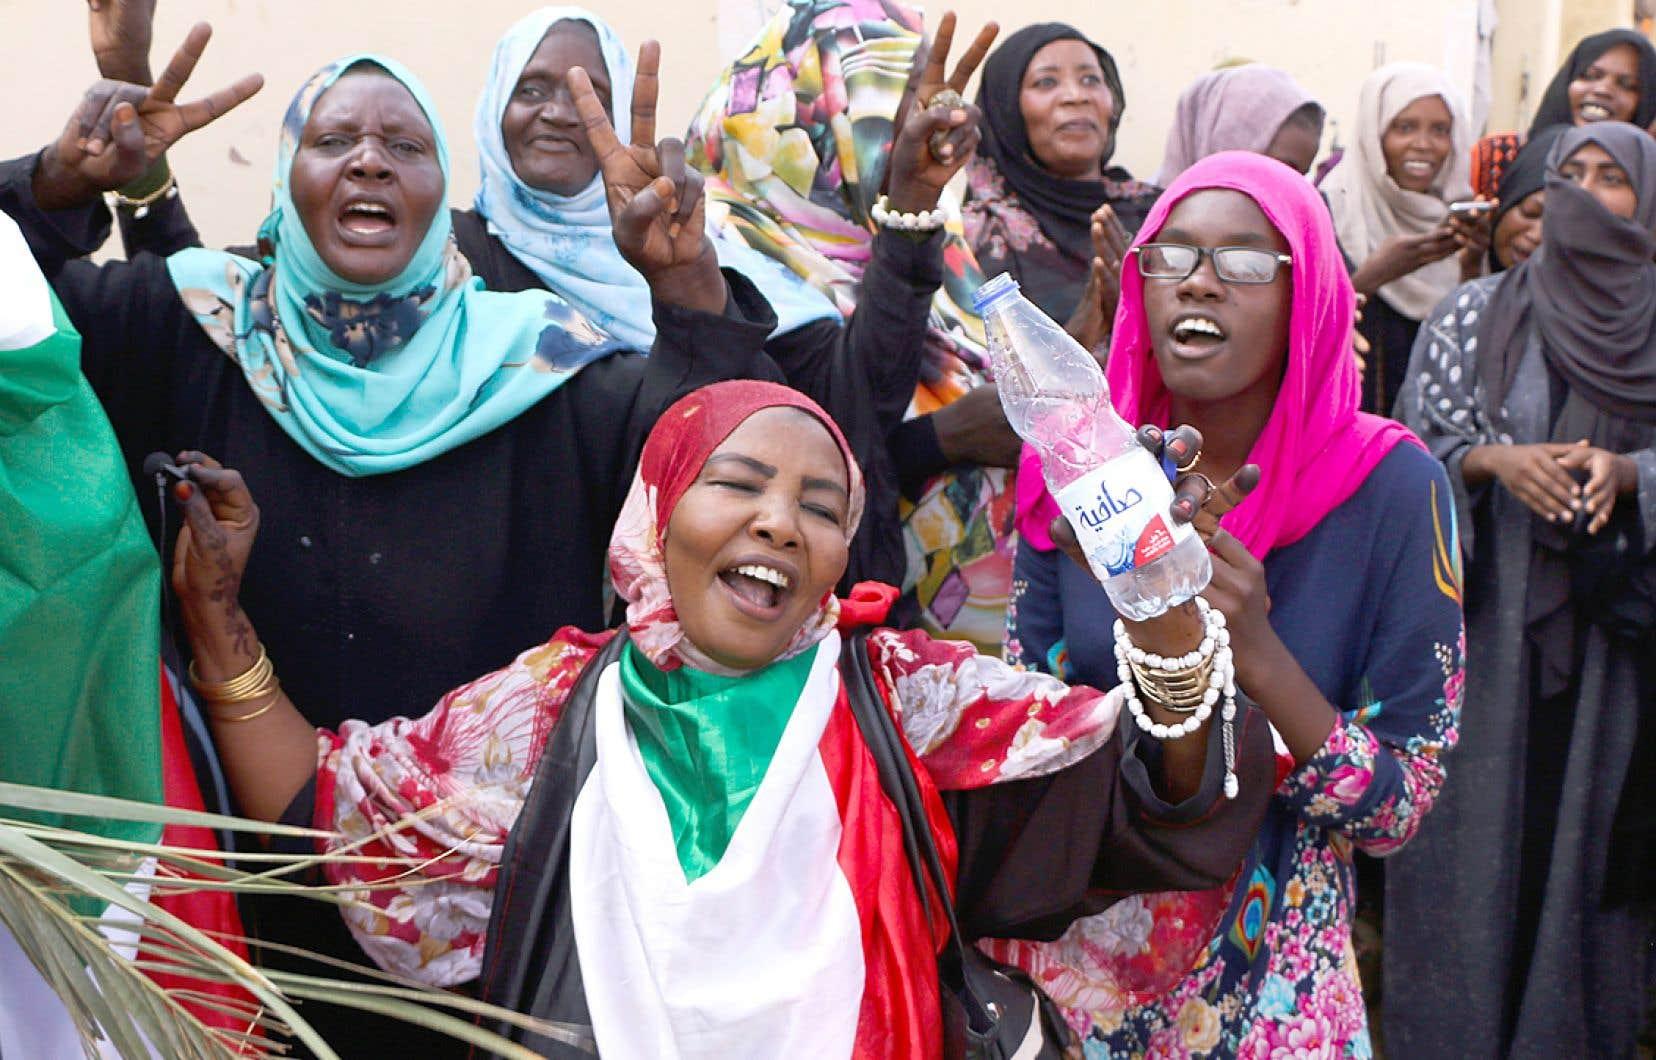 Des Soudanaises, très impliquées dans les manifestations des derniers mois, ont toutefois exprimé leur déception par rapport à la faible présence des femmes dans le processus de transition